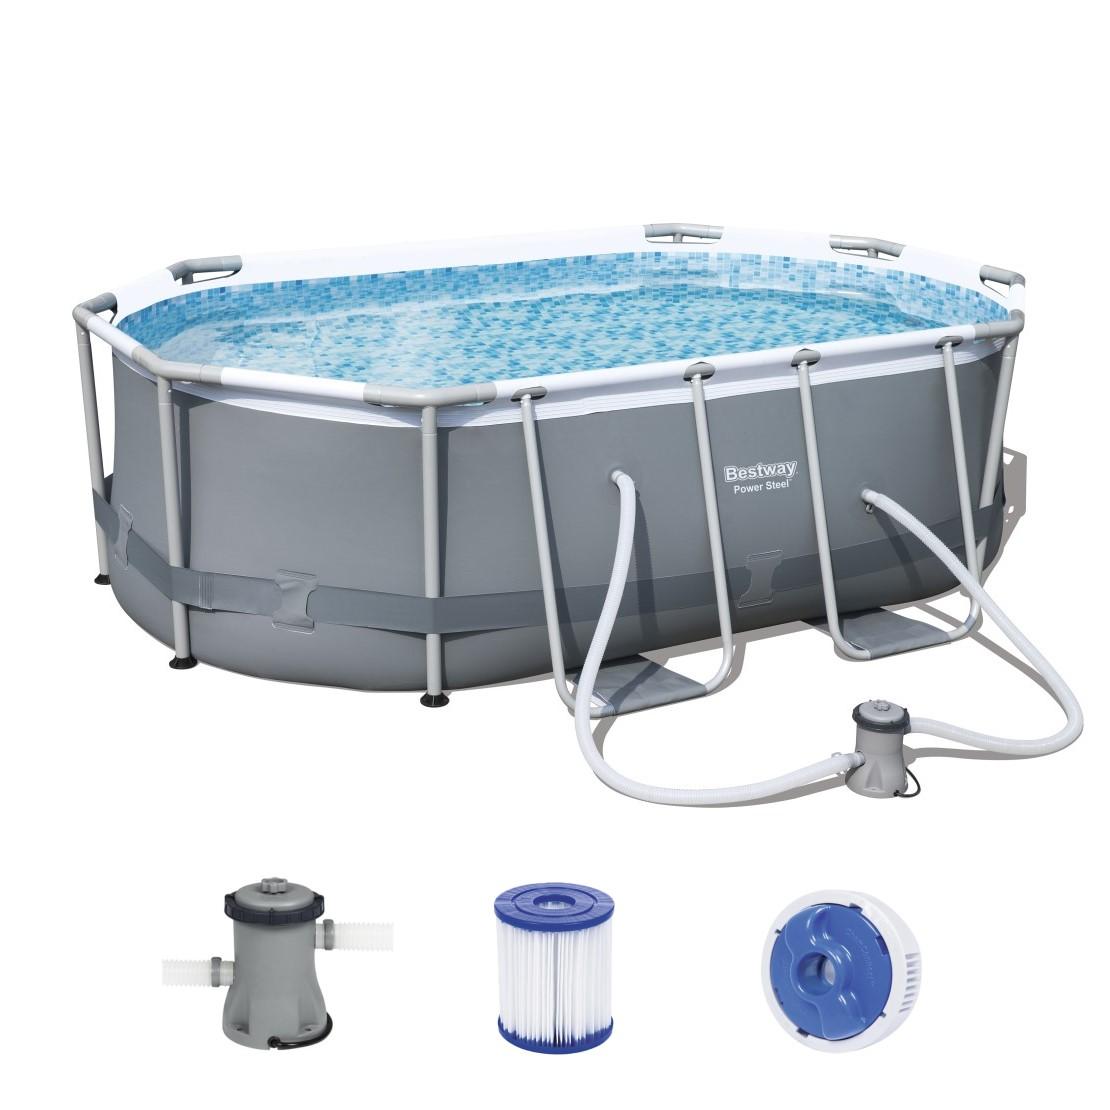 bestway oval frame pool set 300 x 200 56617. Black Bedroom Furniture Sets. Home Design Ideas